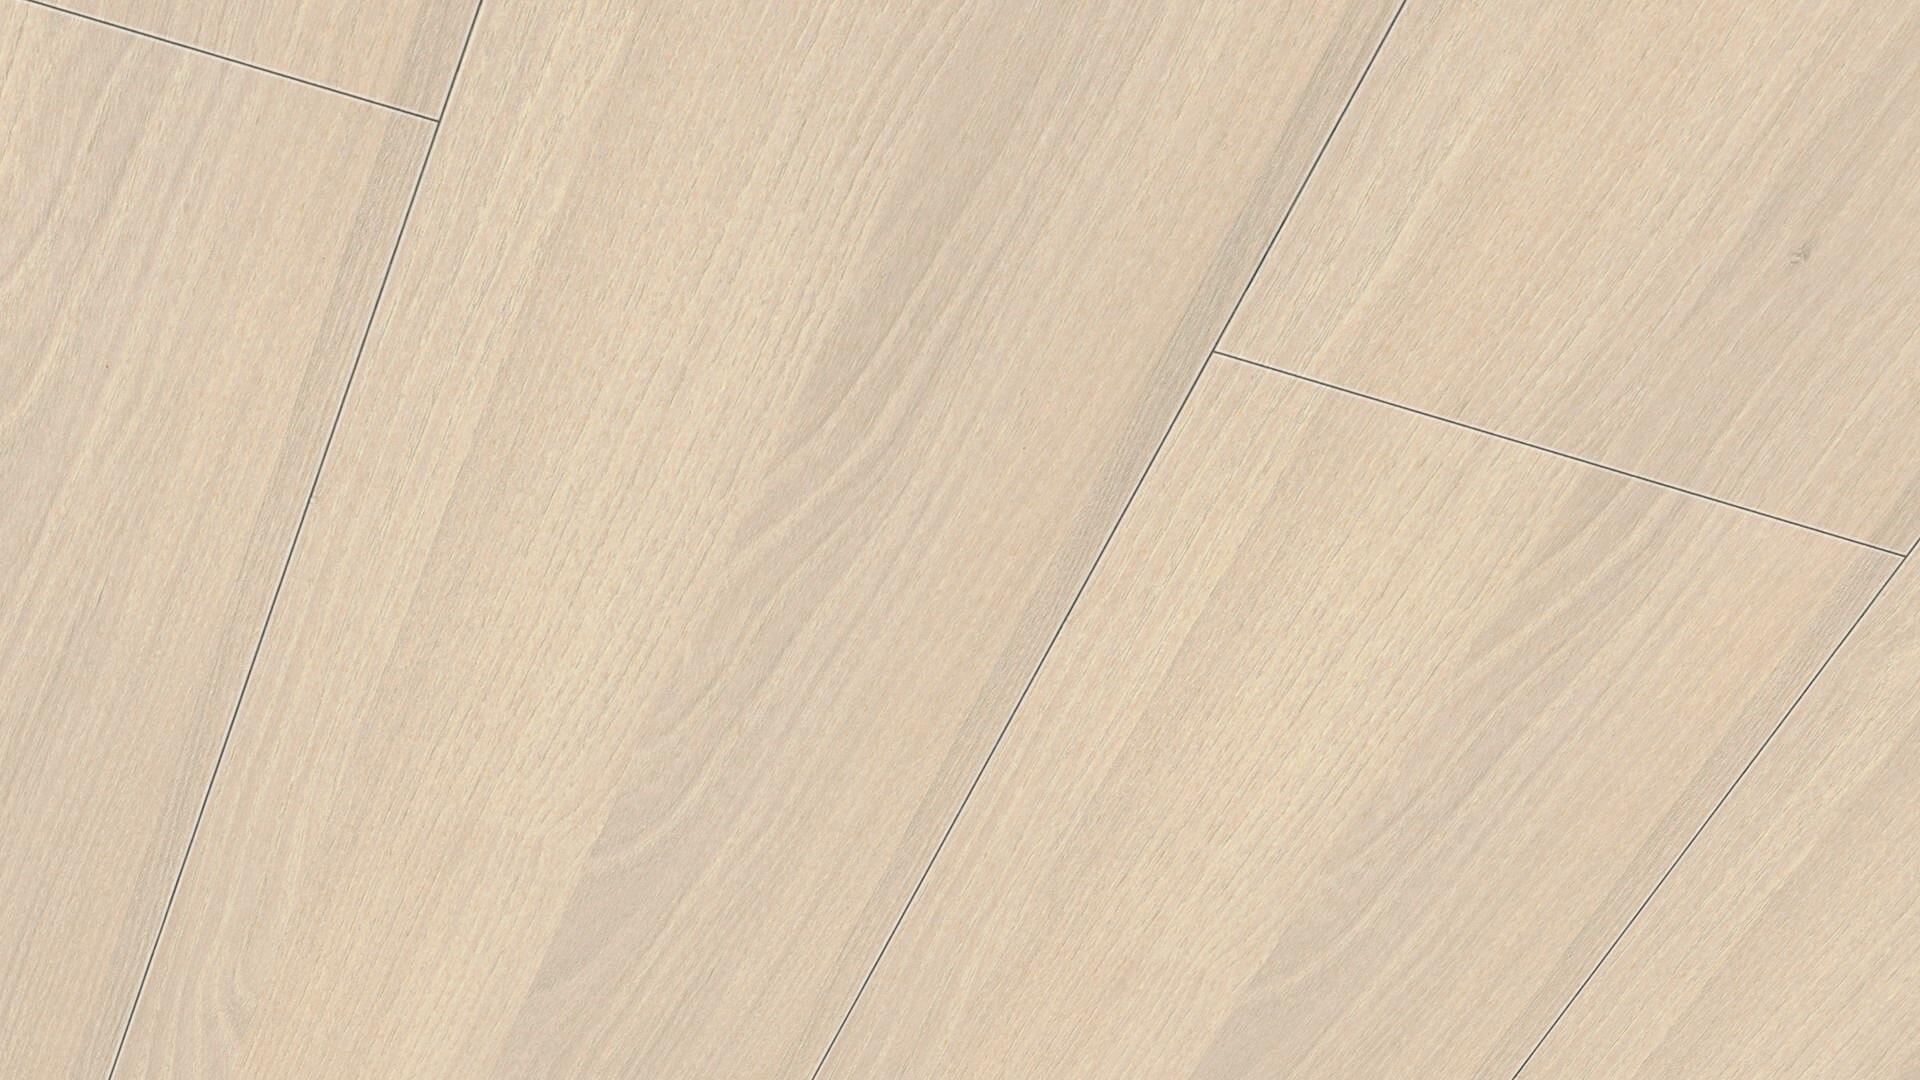 Dekorpaneele Terra DP 250 Akazie hell 4012